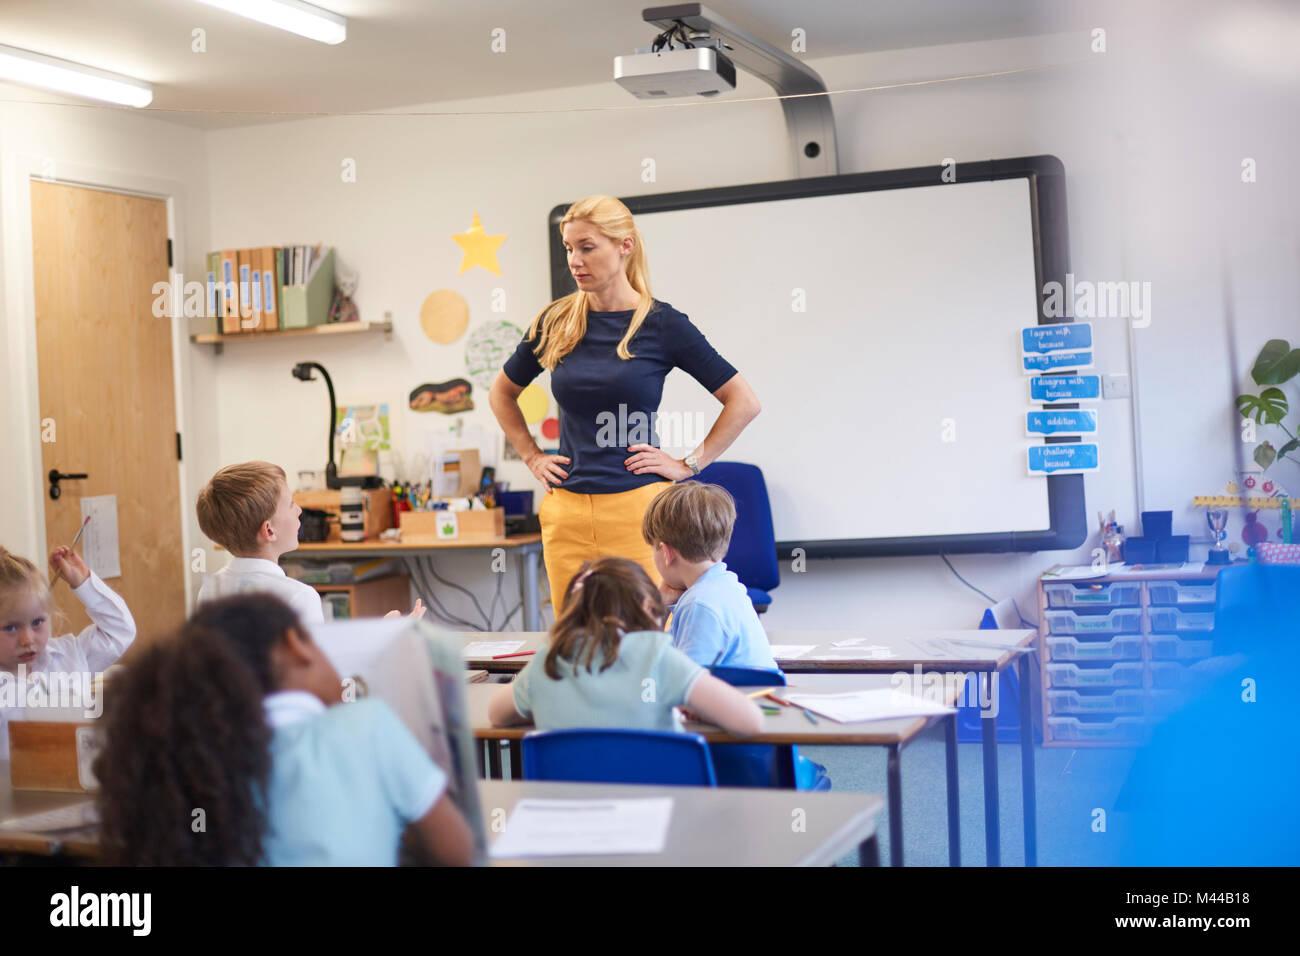 Maestro con las manos en las caderas, en frente de la clase en la escuela primaria Imagen De Stock